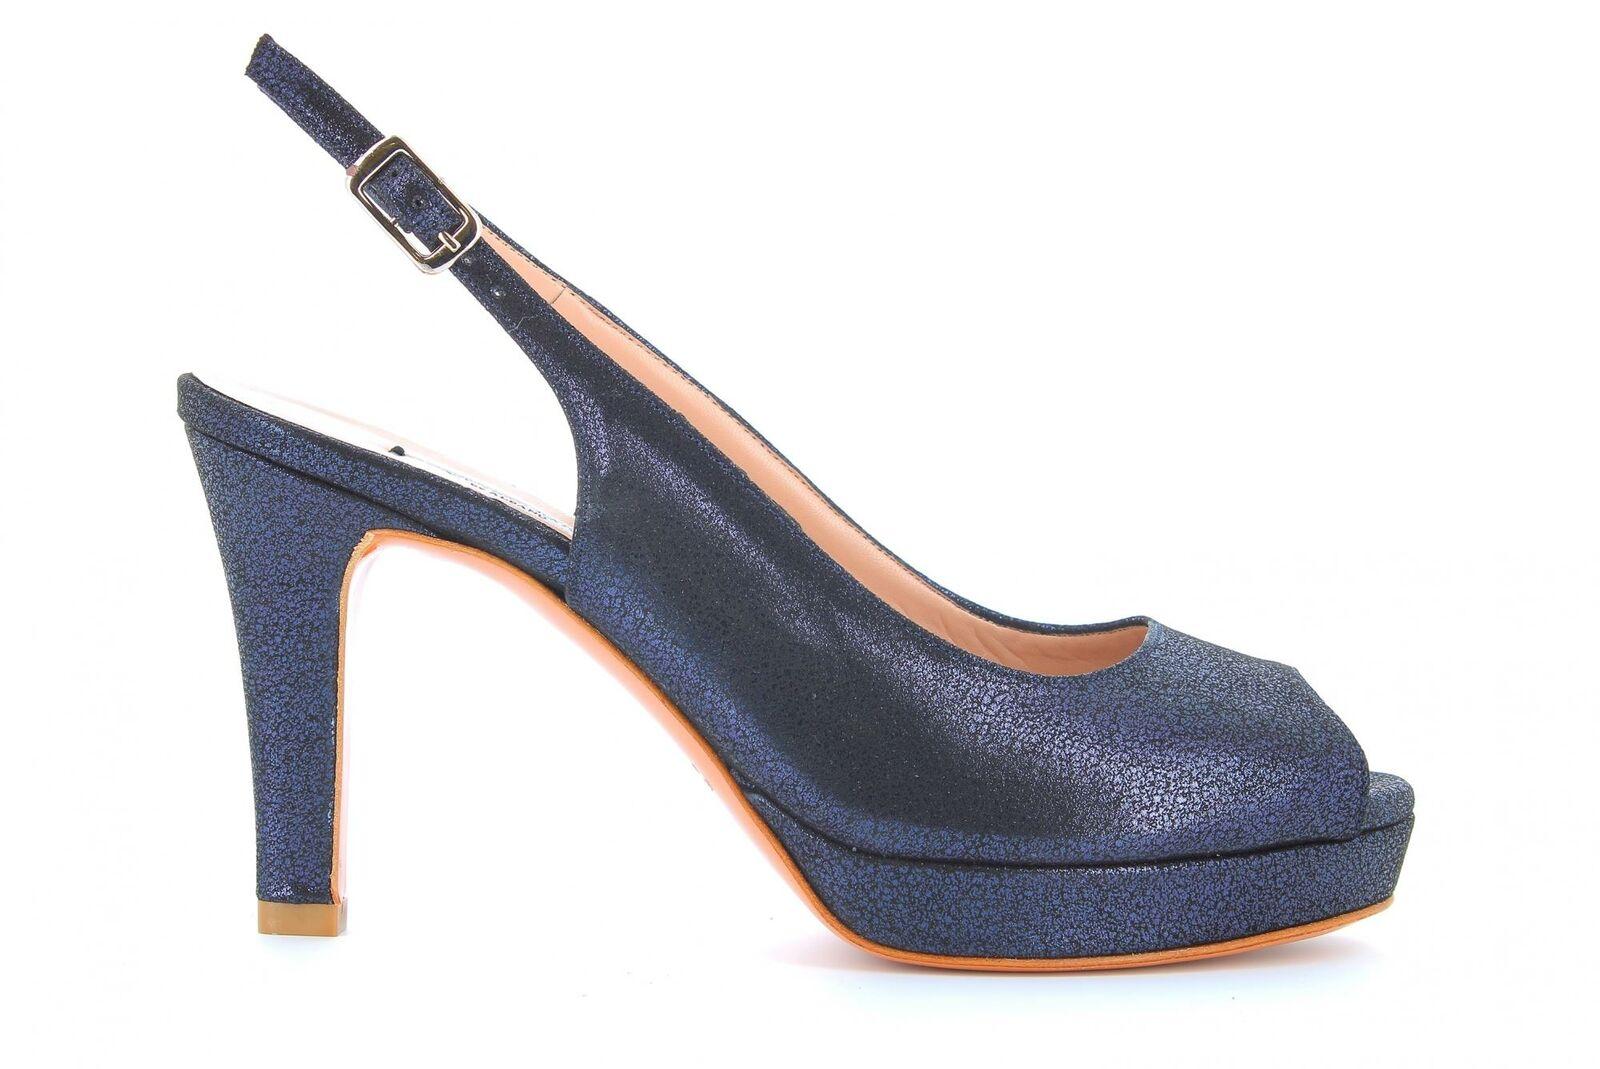 L'AMOUR P19f zapatos femme sandale 951 azul